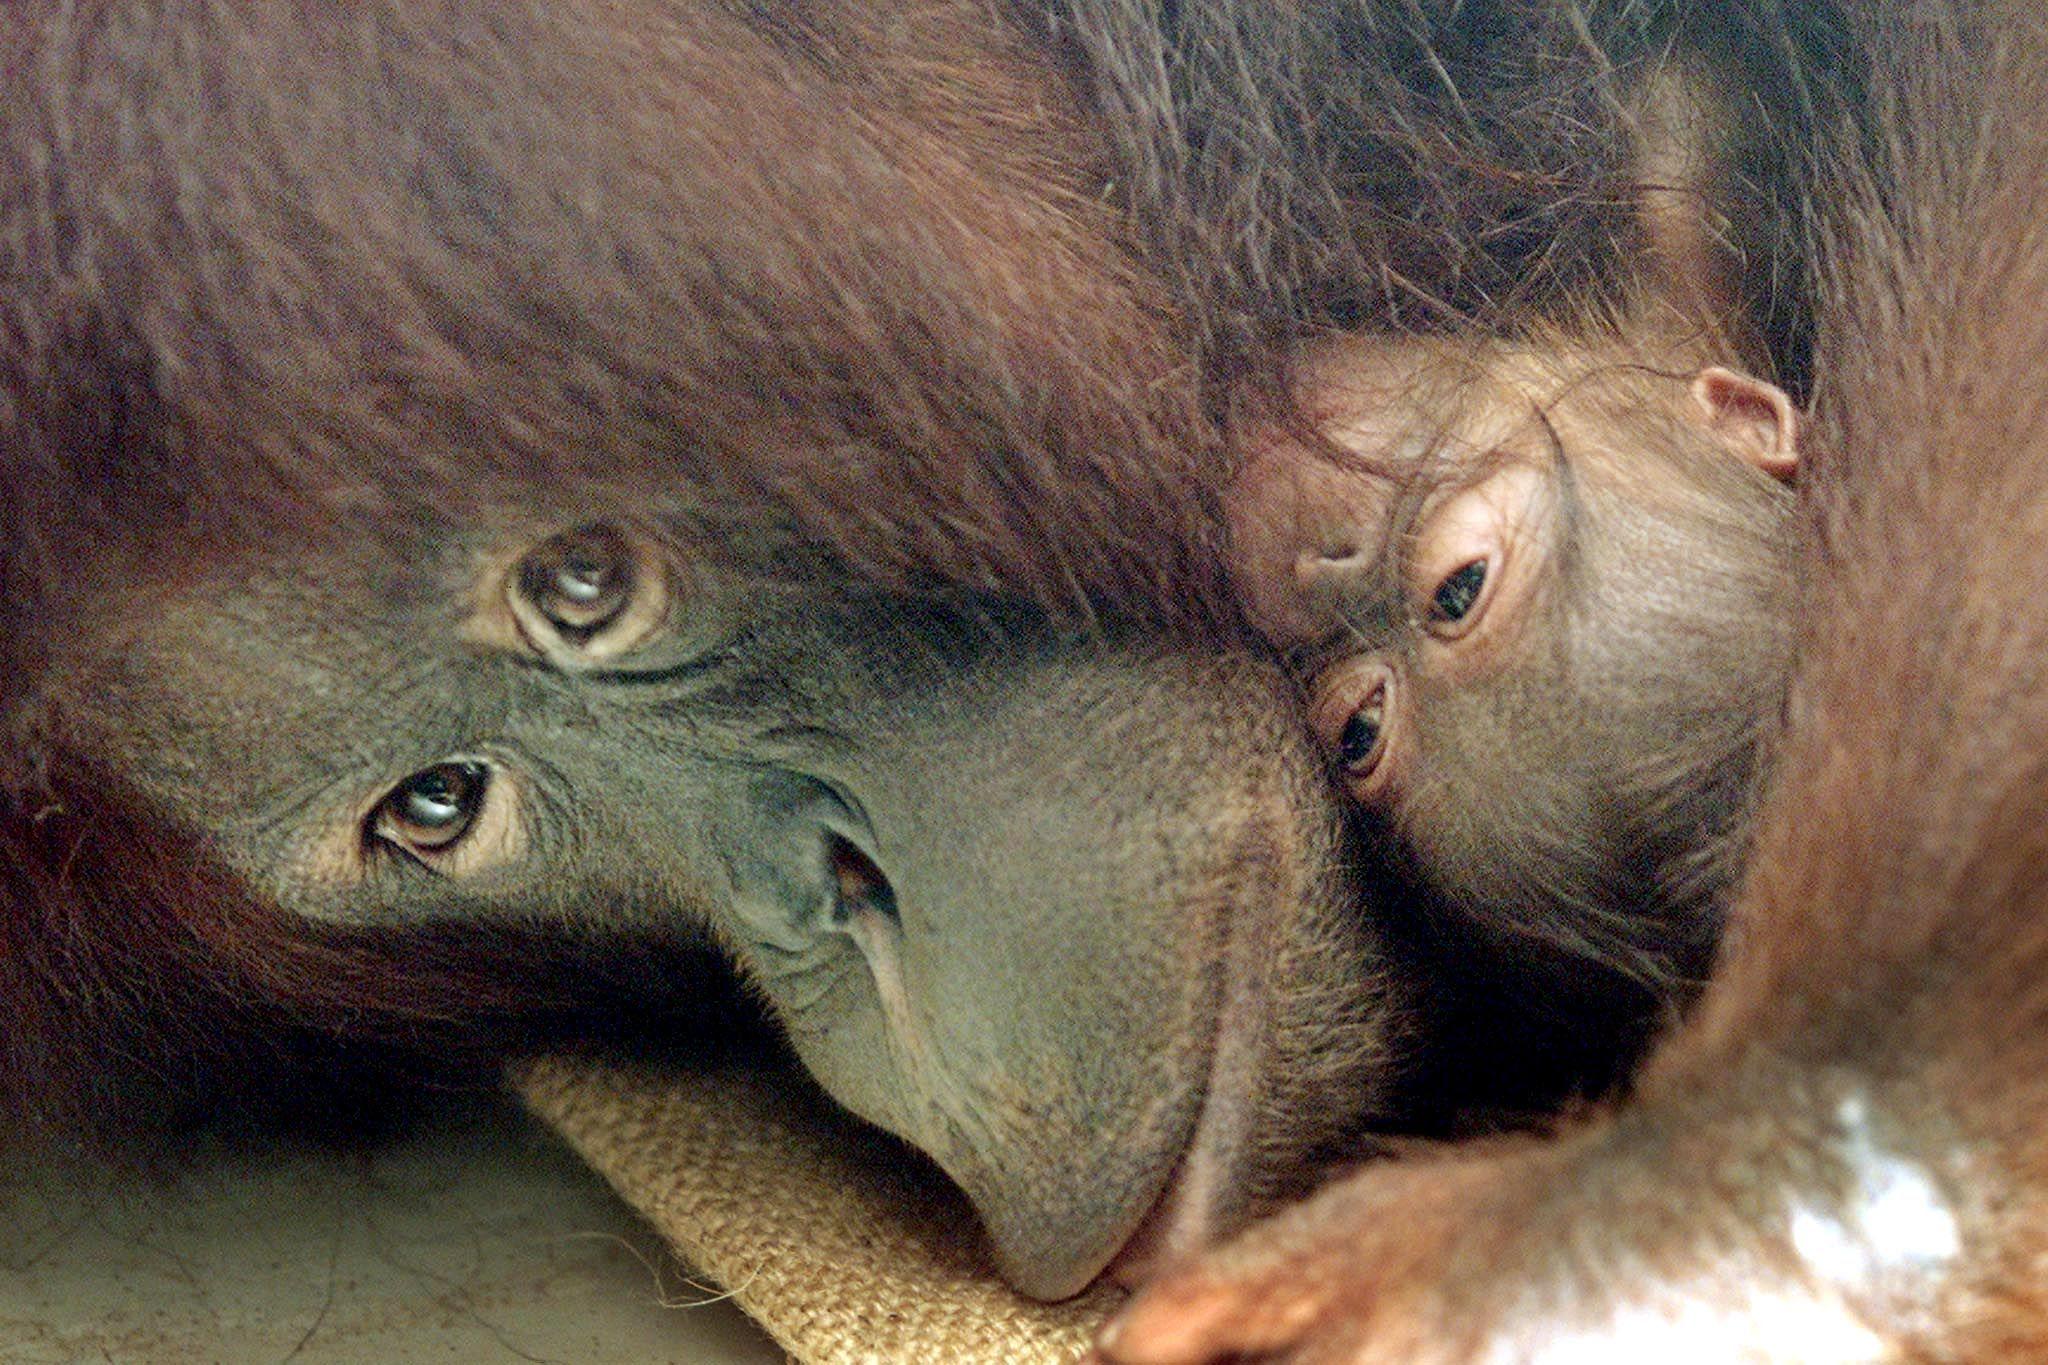 08_18_orangutan_01